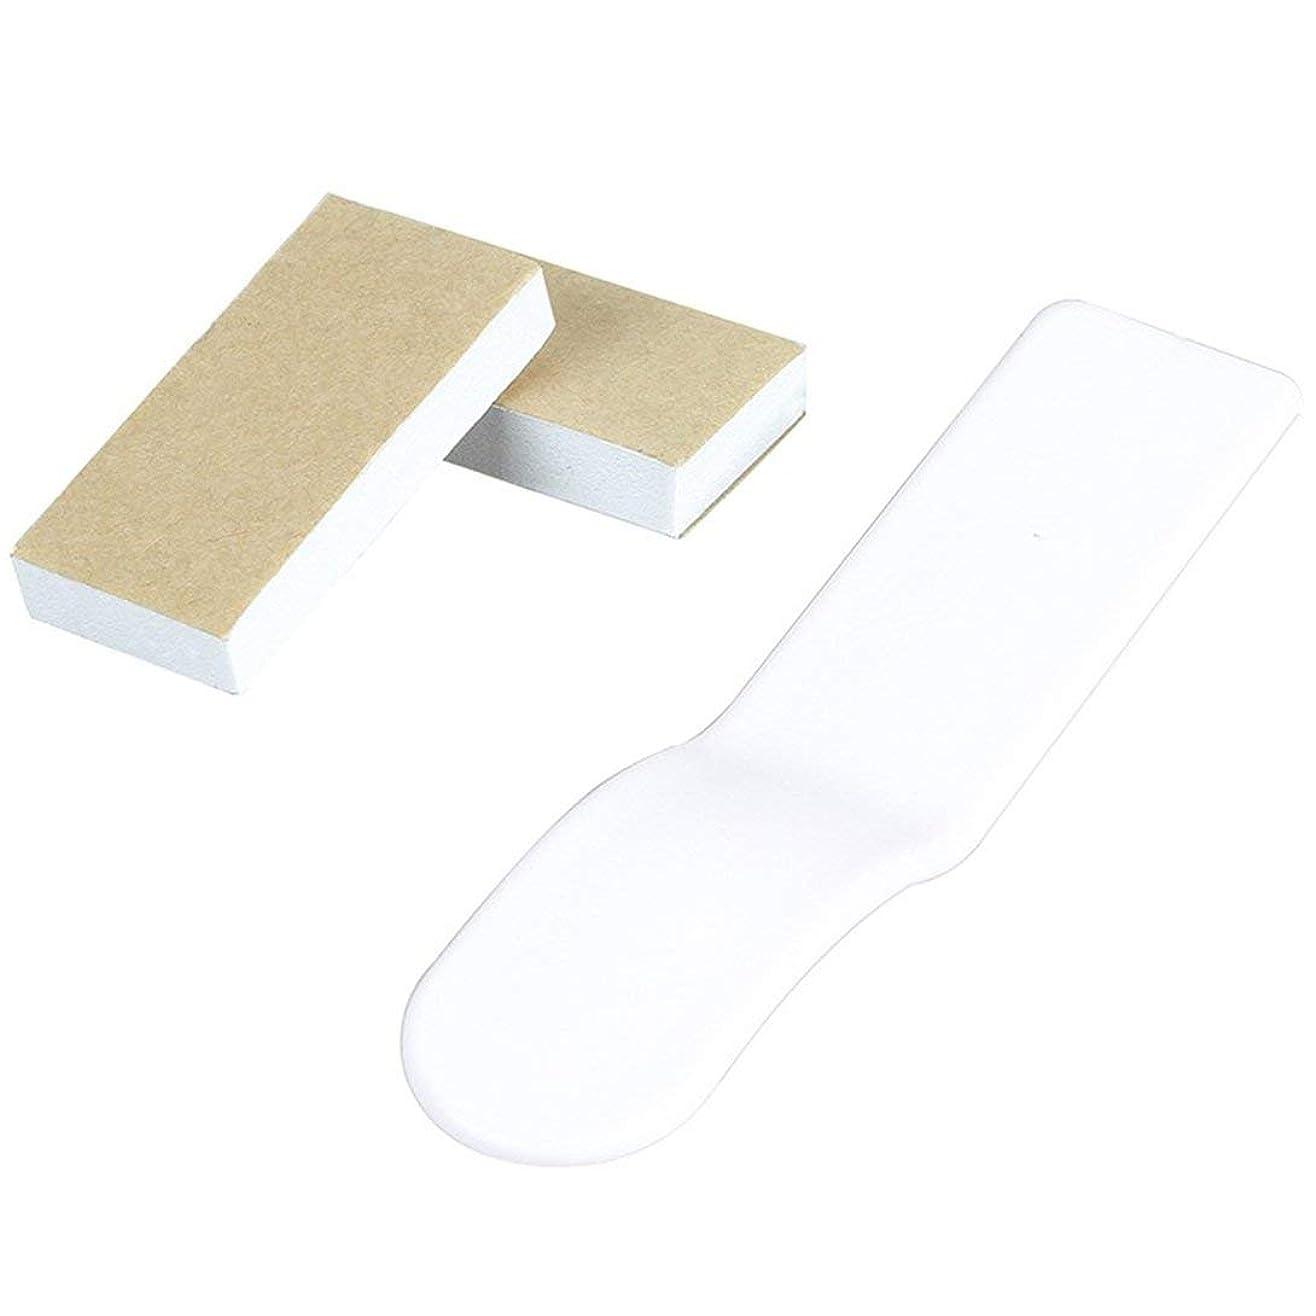 裂け目他のバンドでリーフレットSwiftgood 便座のリフター便器のパッドカバー下の蓋のハンドル衛生清潔な上げ上げ下の清潔な方法触れるのを避けてください自己粘着衛生